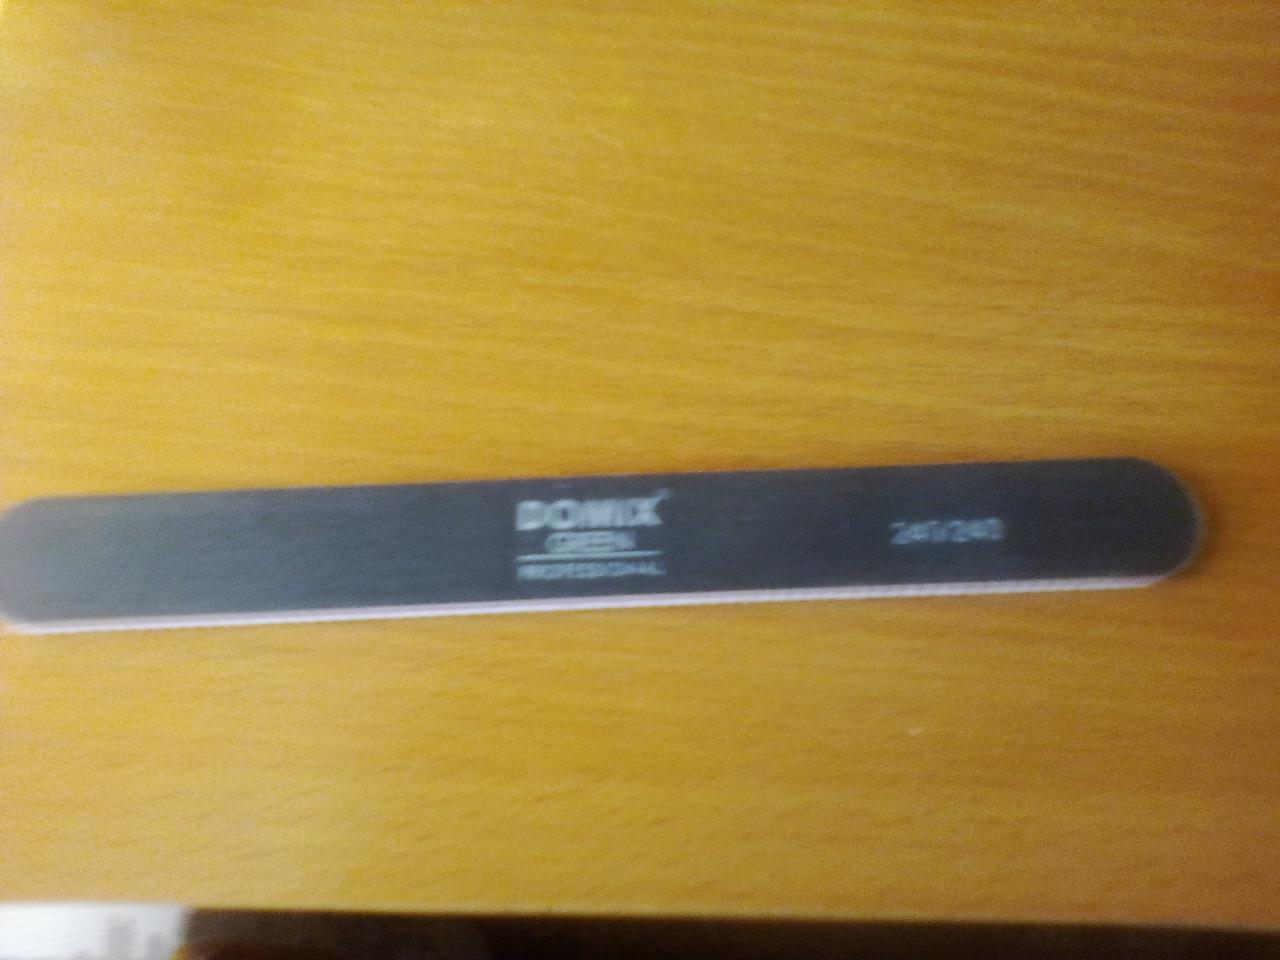 Отзыв на товар: Пилка для ногтей 240/240. Domix Green Professional. Вид 1 от 1608820961